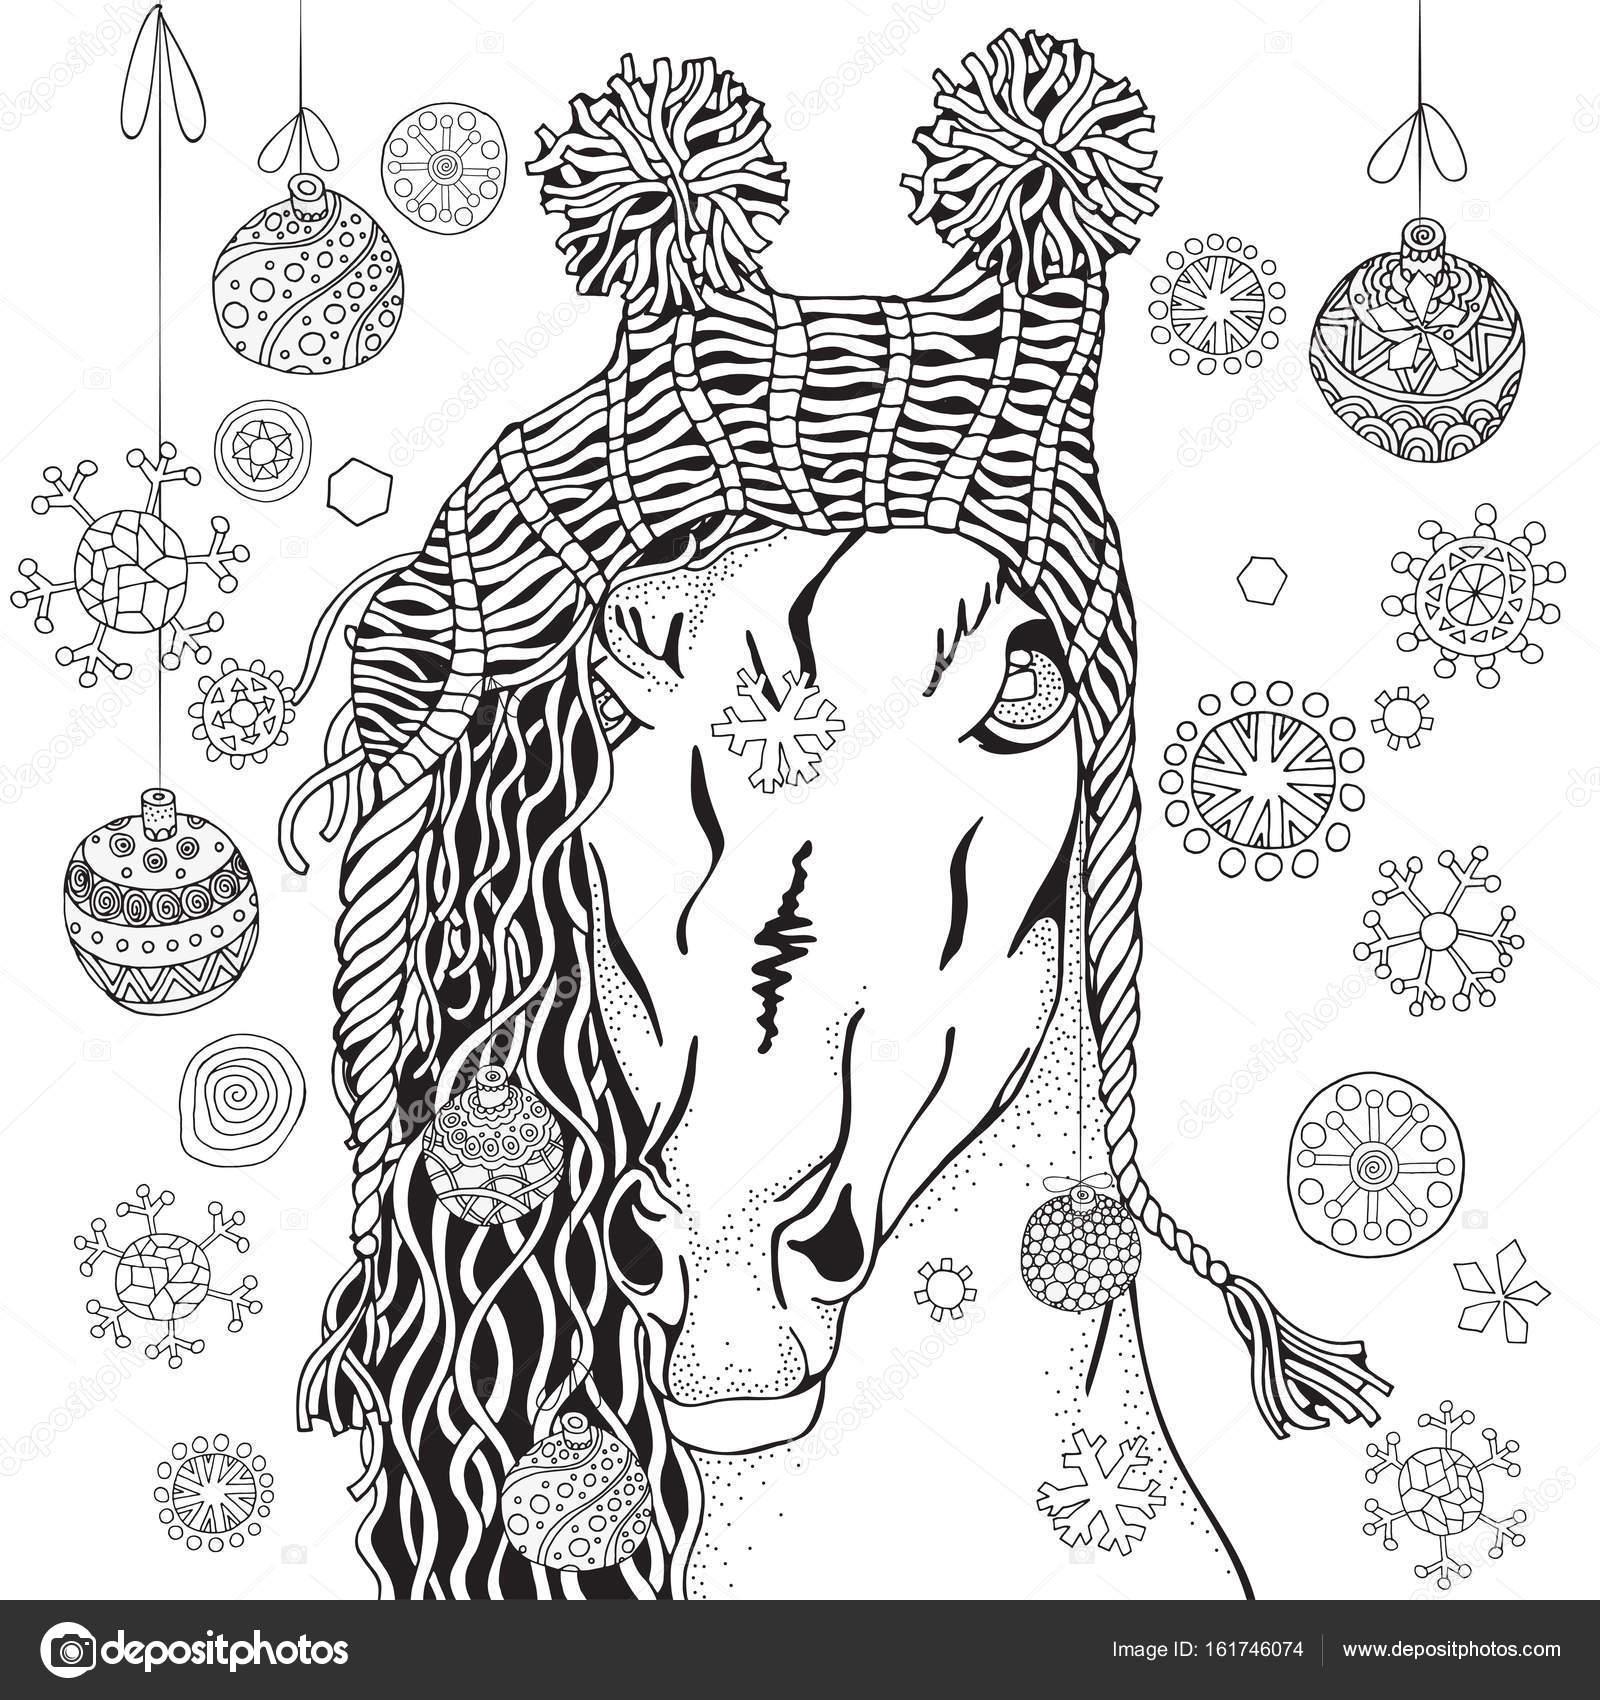 Coloriage Cheval Hiver.Cheval Avec Chapeau Tricote D Hiver Image Vectorielle